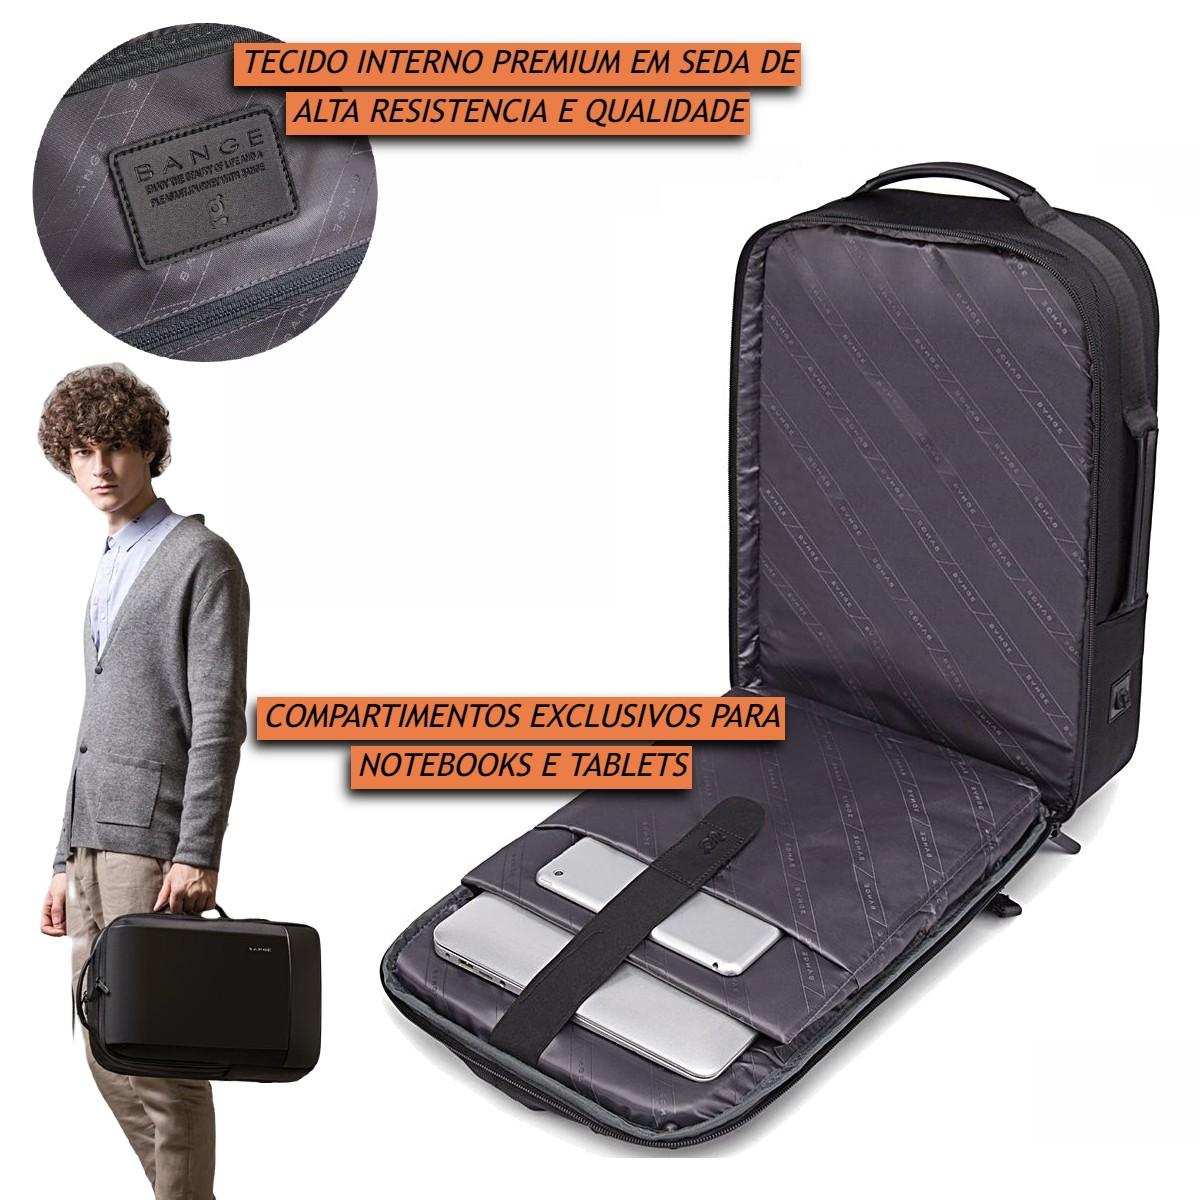 Mochila Masculina Executiva Antifurto Impermeável para Notebooks de Até 15.6 Polegadas de Alta Qualidade Premium Com Detalhes em Couro Legítimo com Capacidade de 28 Litros Bange Premium Backpack